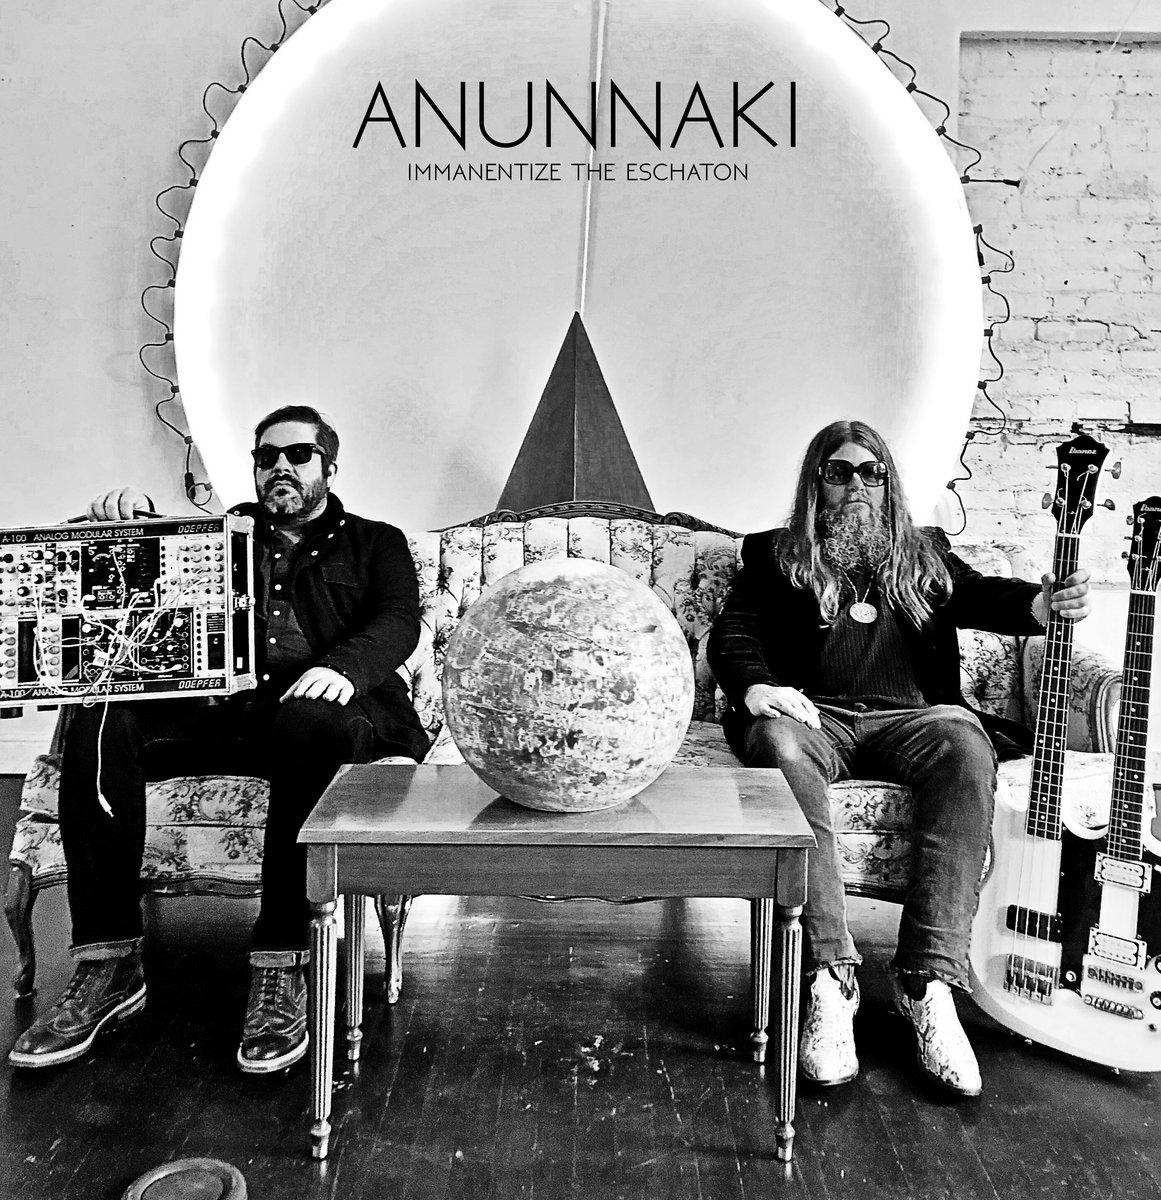 Anunnaki - Immanentize The Eschaton